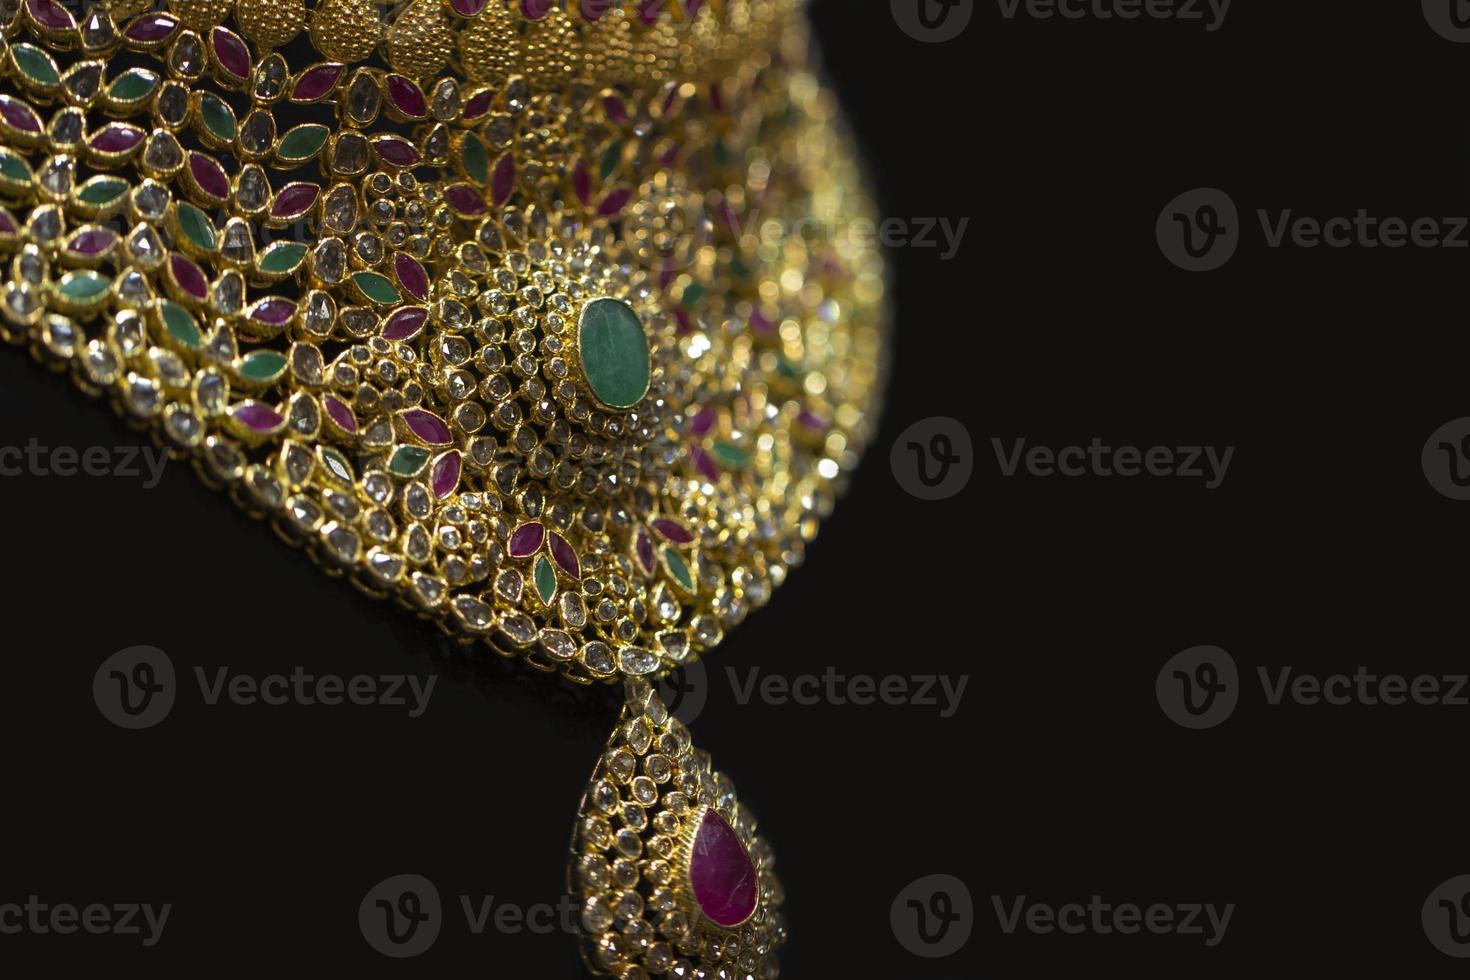 bijoux indiens photo